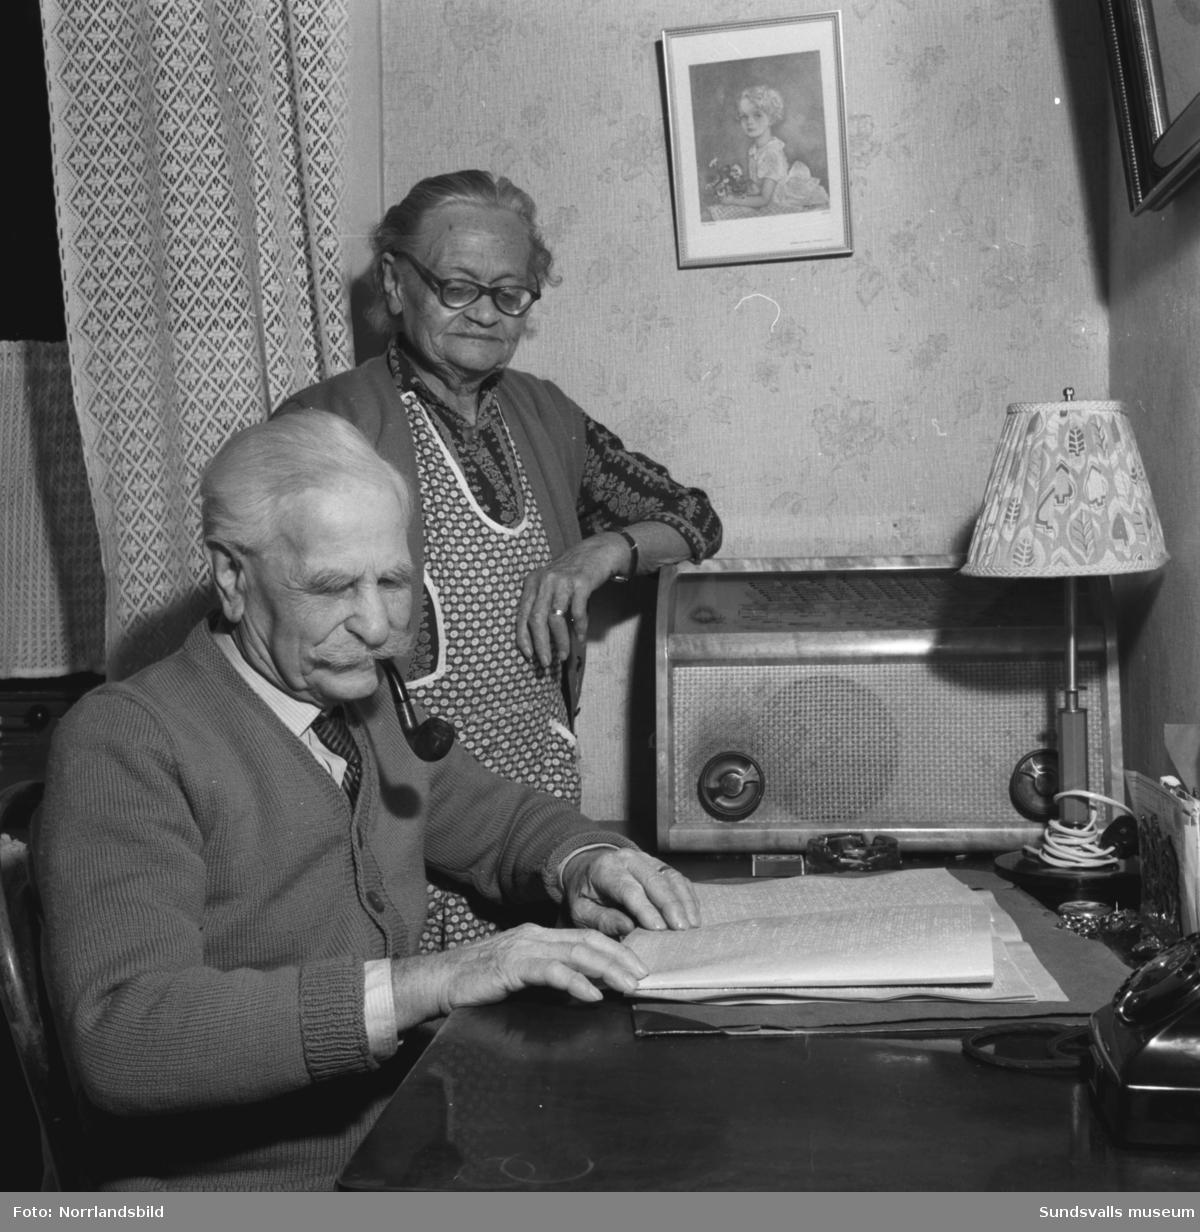 """Hjalmar Wide, Oscarsgatan 3 (Aftonsol) läser ett dokument på blindskrift. Wide blev blind som barn men utbildades vid Blindinstitutet i Stockholm till korgmakare, vilket han till stor del försörjde sig som. Under många år resten han även land och rike runt och försörjde sig som positivhalare och försäljare/författare av skillingtryck under vidsträckta turnéer i norra Sverige med utgångspunkt från Sundsvall, där han var bosatt. """"Visan om Titanics undergång"""", som består av elva strofer, hörde till hans bästsäljare. Enligt Hjalmars minnesanteckningar från den tiden så ska han ha besökt hela 132 nordiska städer med sitt positiv. 1922 bildade han Medelpads blindförening och 1939 startade han de blindas jultidning Norrländsk glädje."""